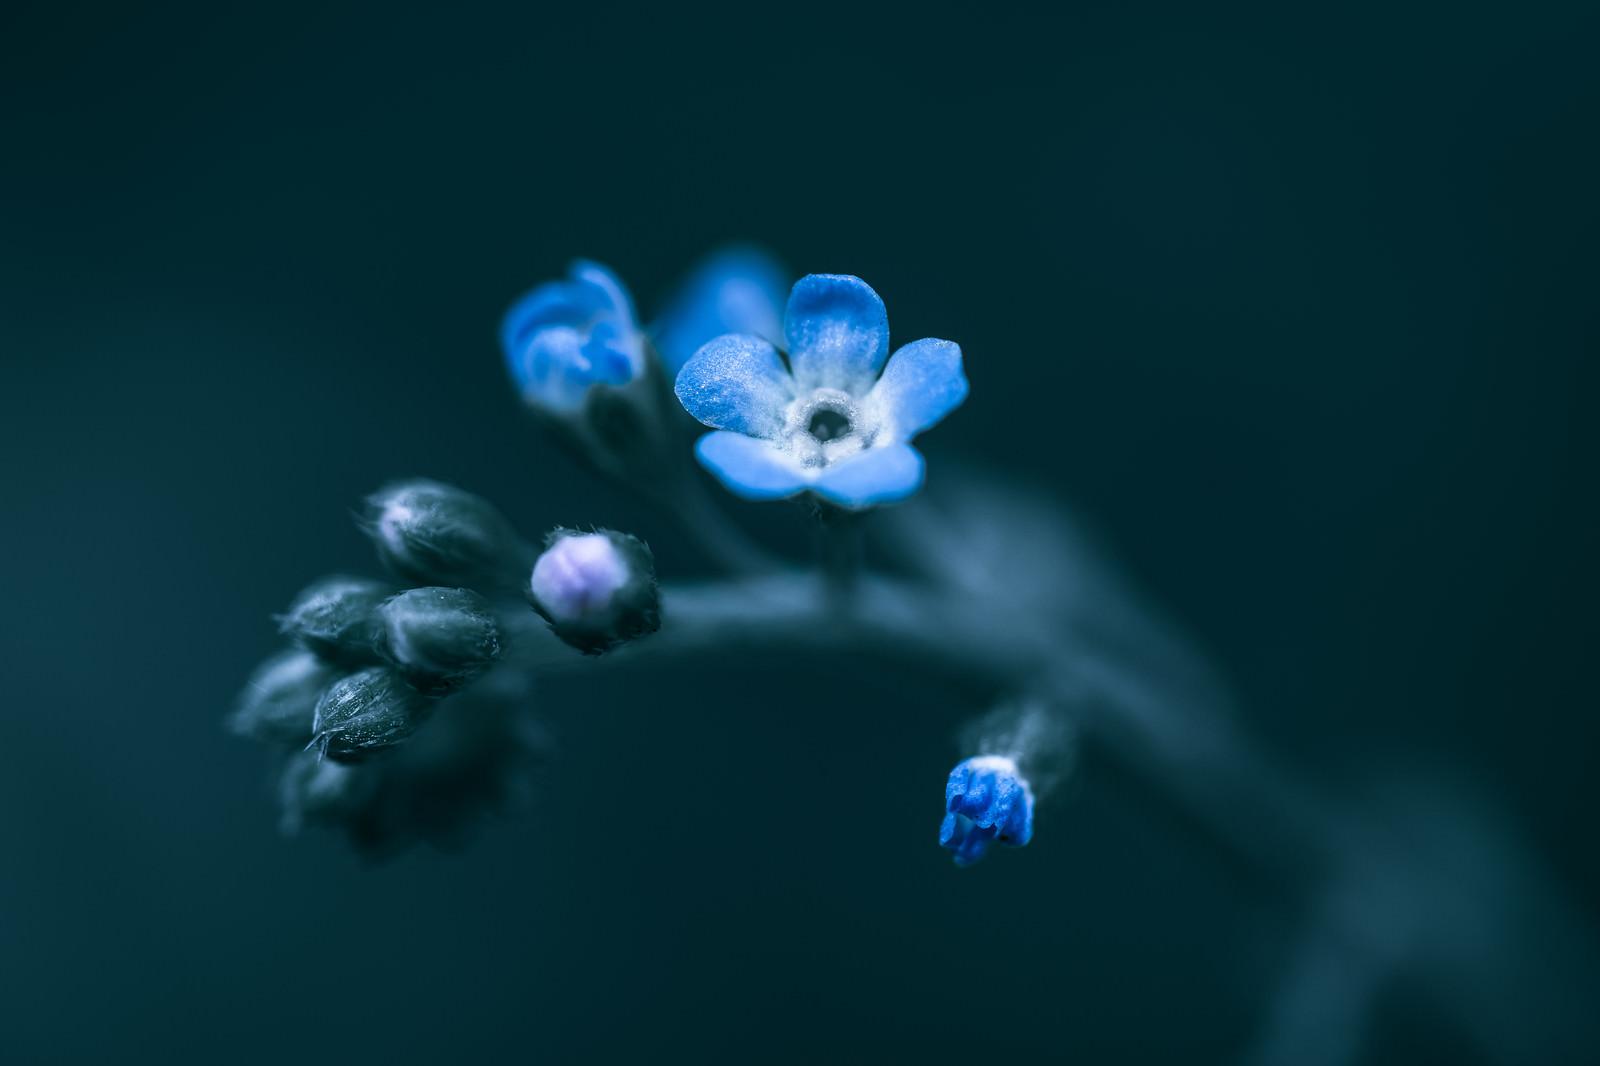 「蕾から花が咲く」の写真